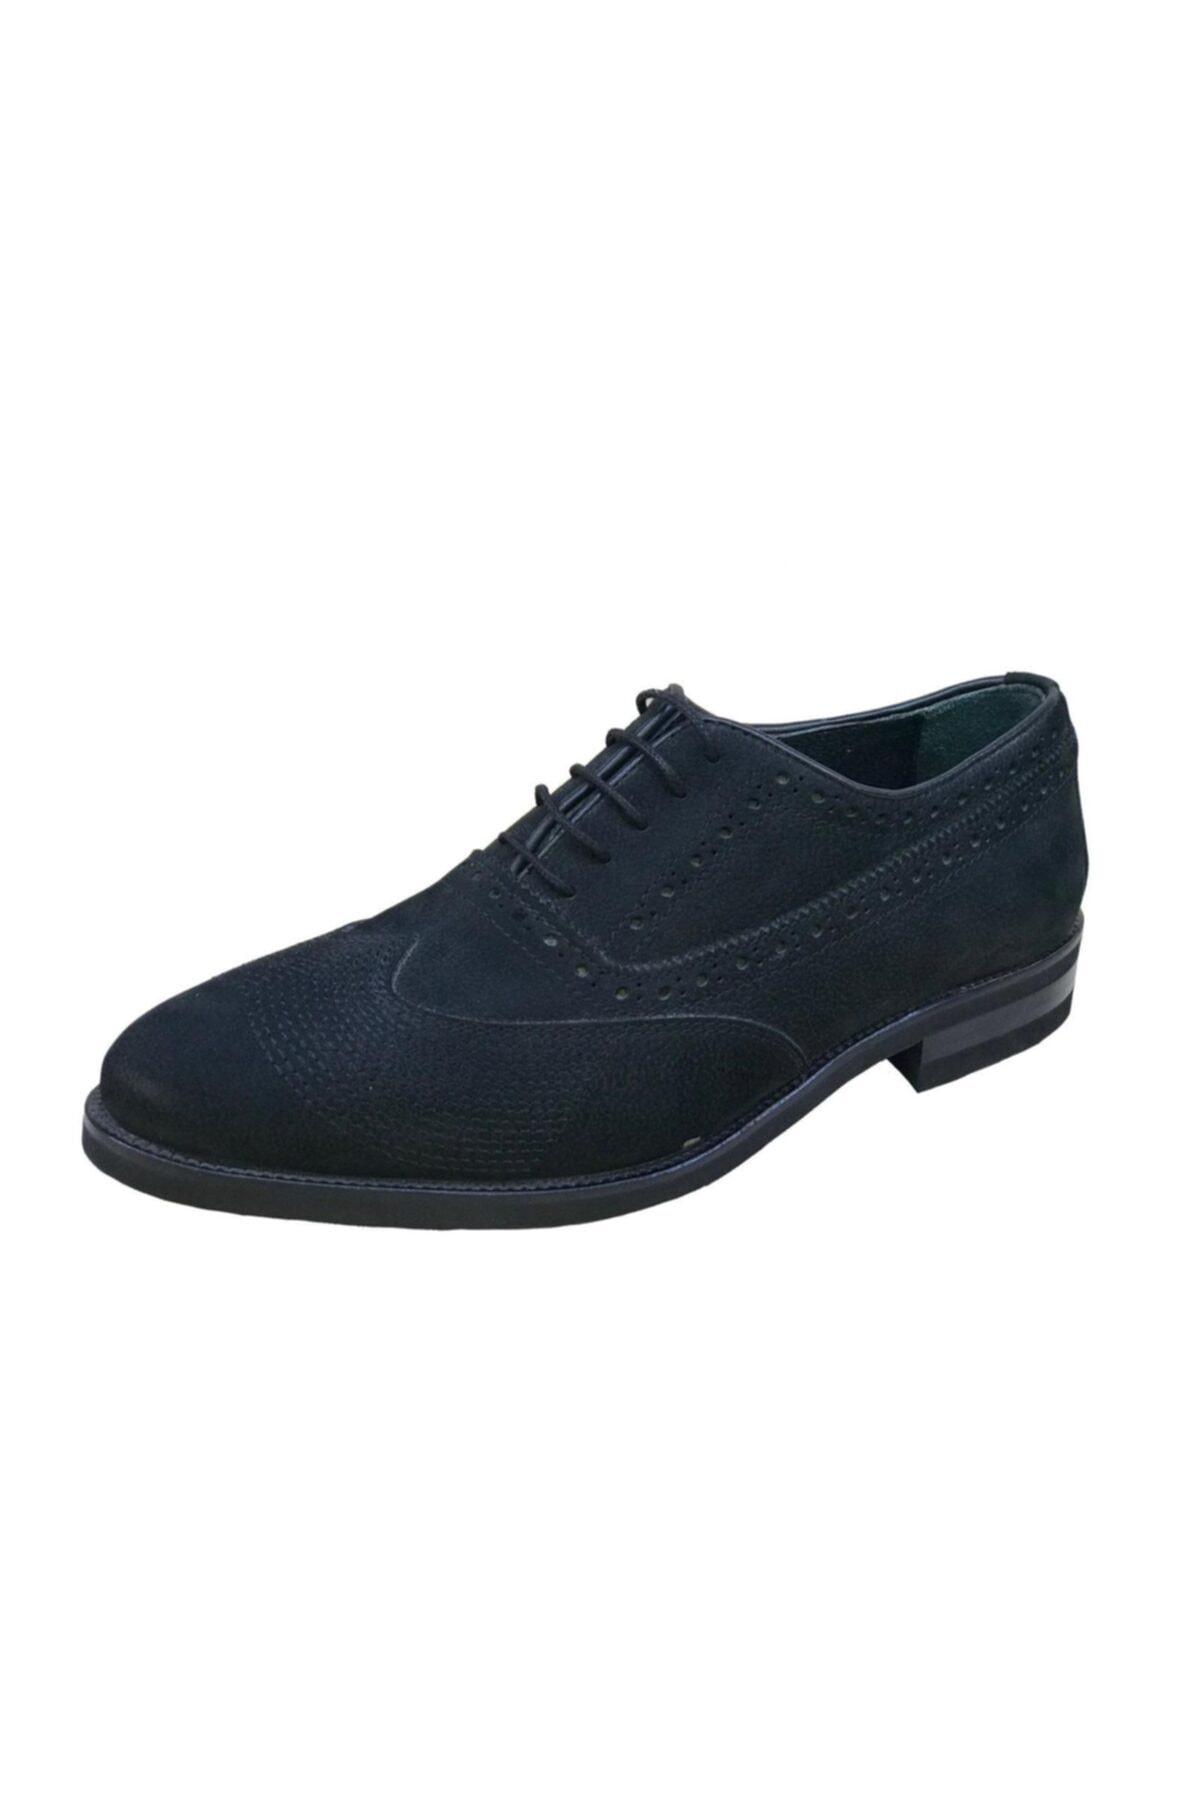 TETRİ 25 Erkek Çift Yüz Nubuk Klasik Ayakkabı 1